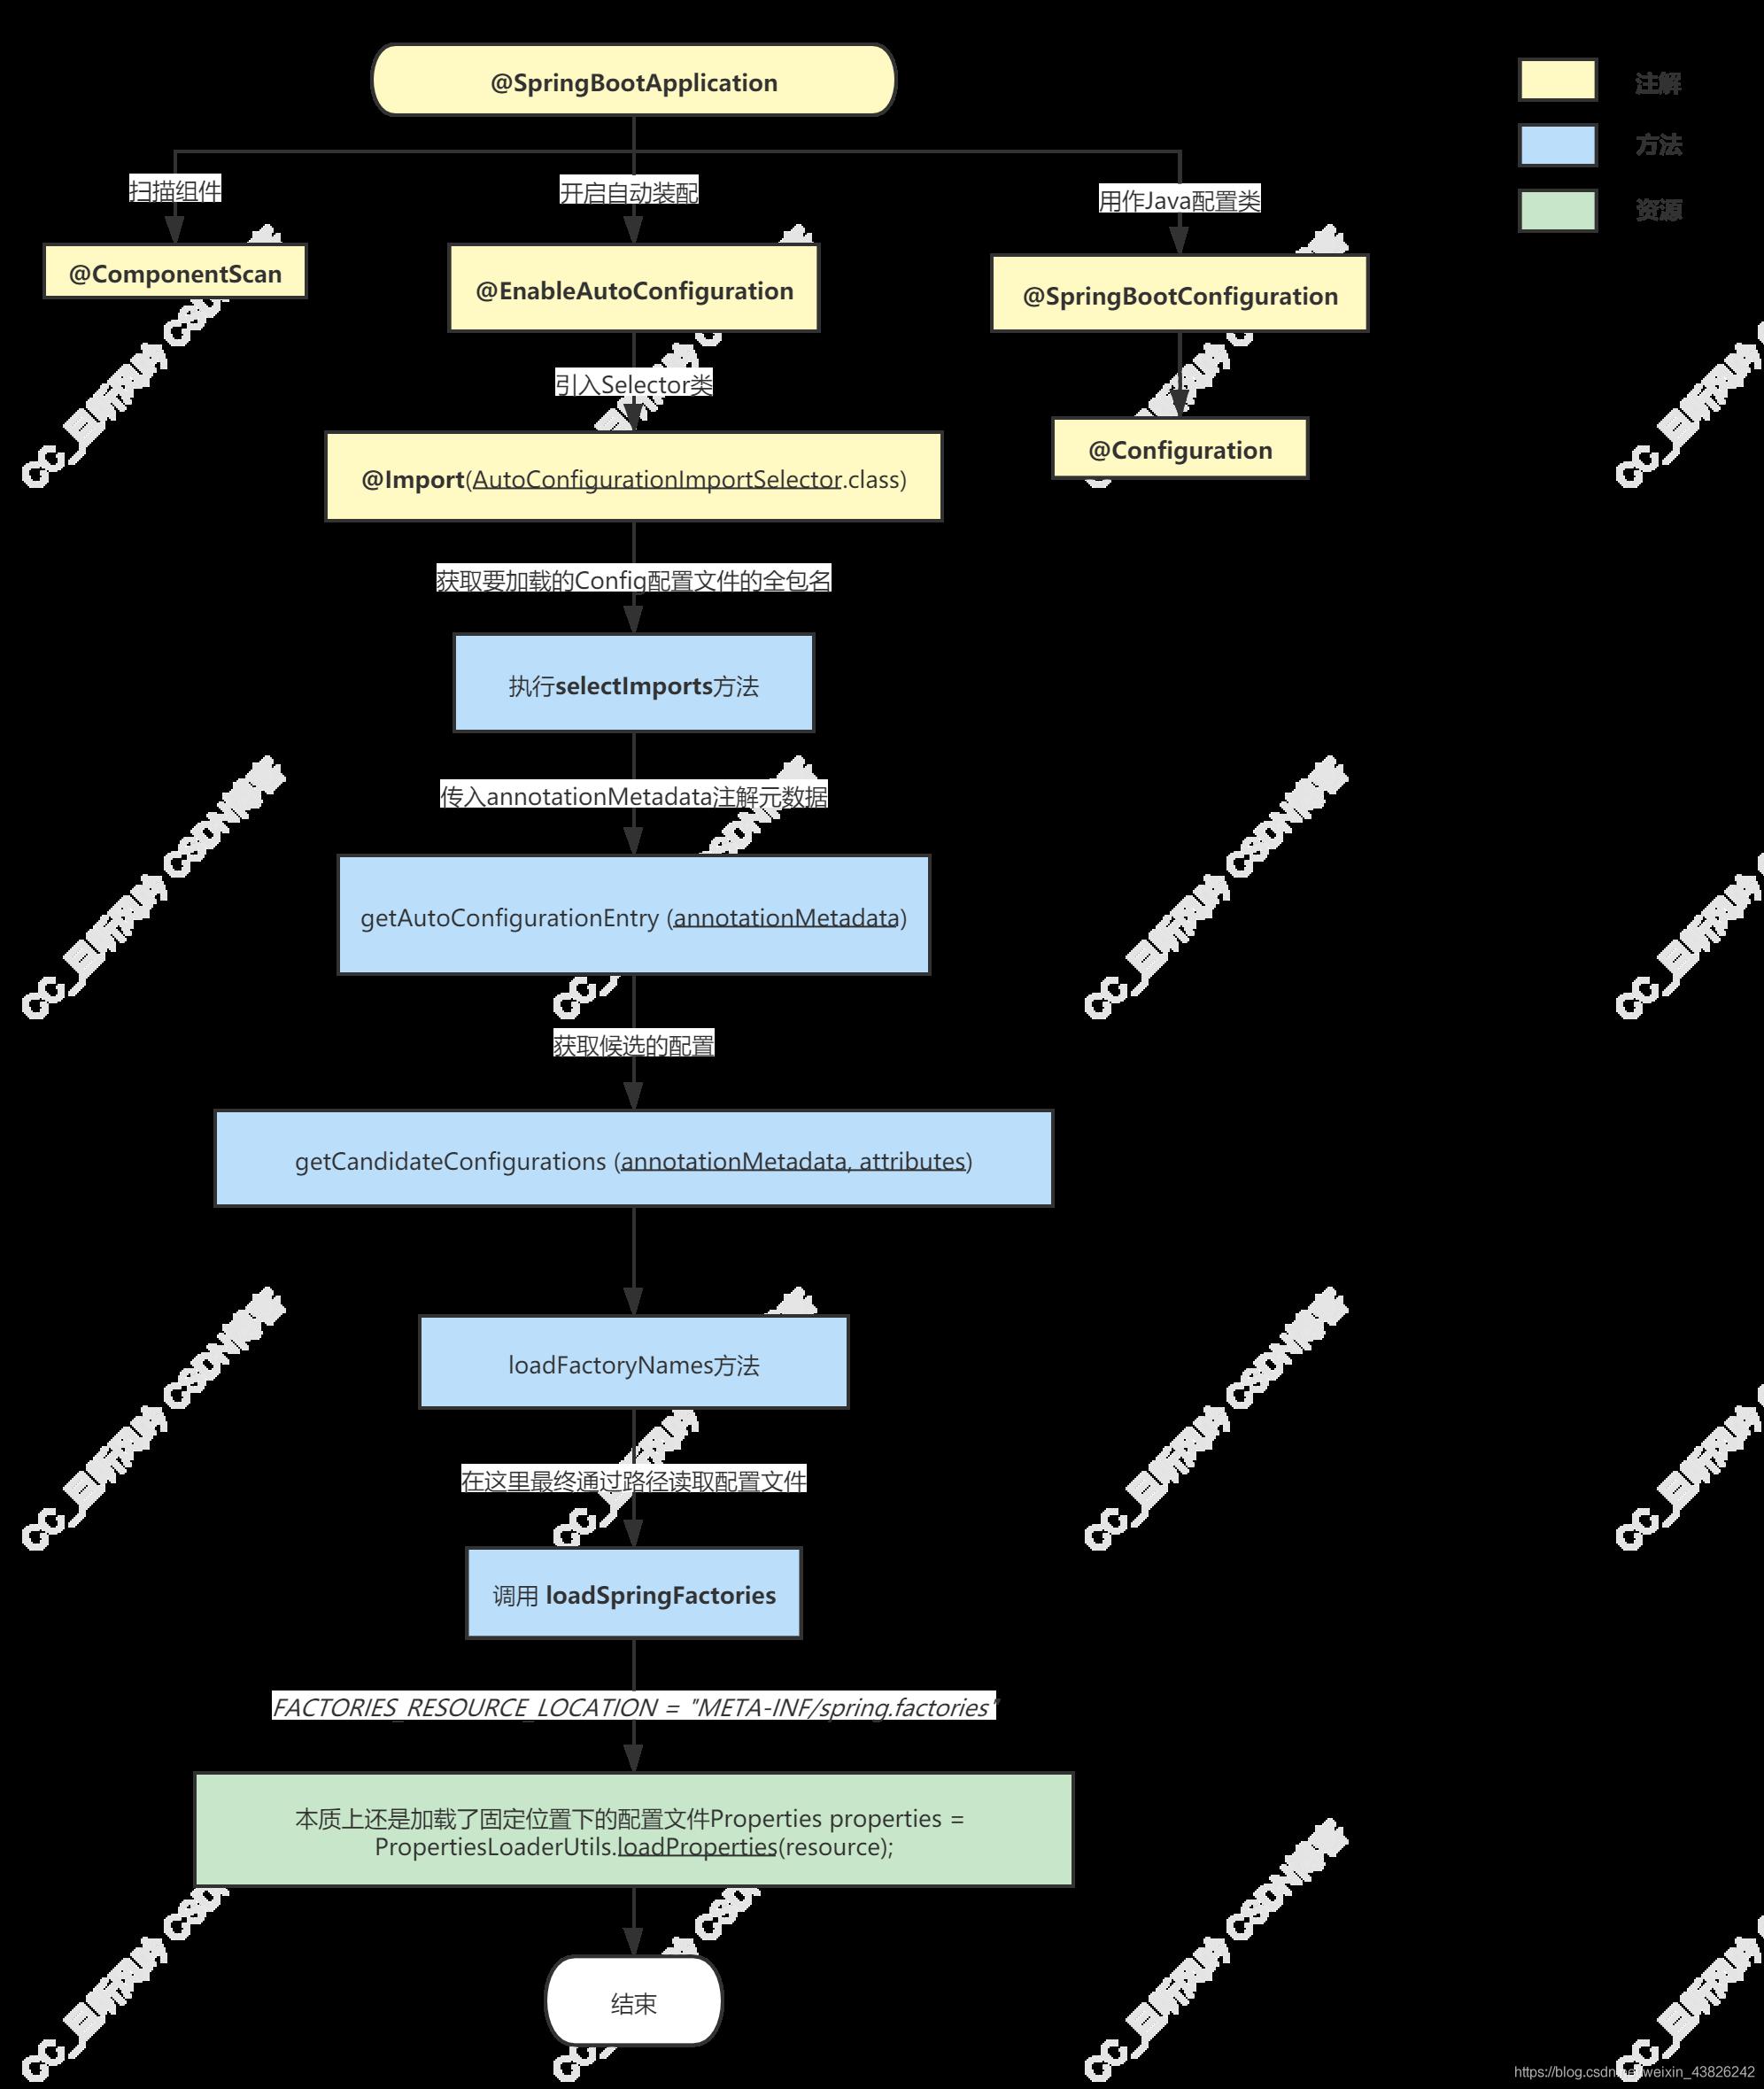 Spring Boot自动装配详细流程图